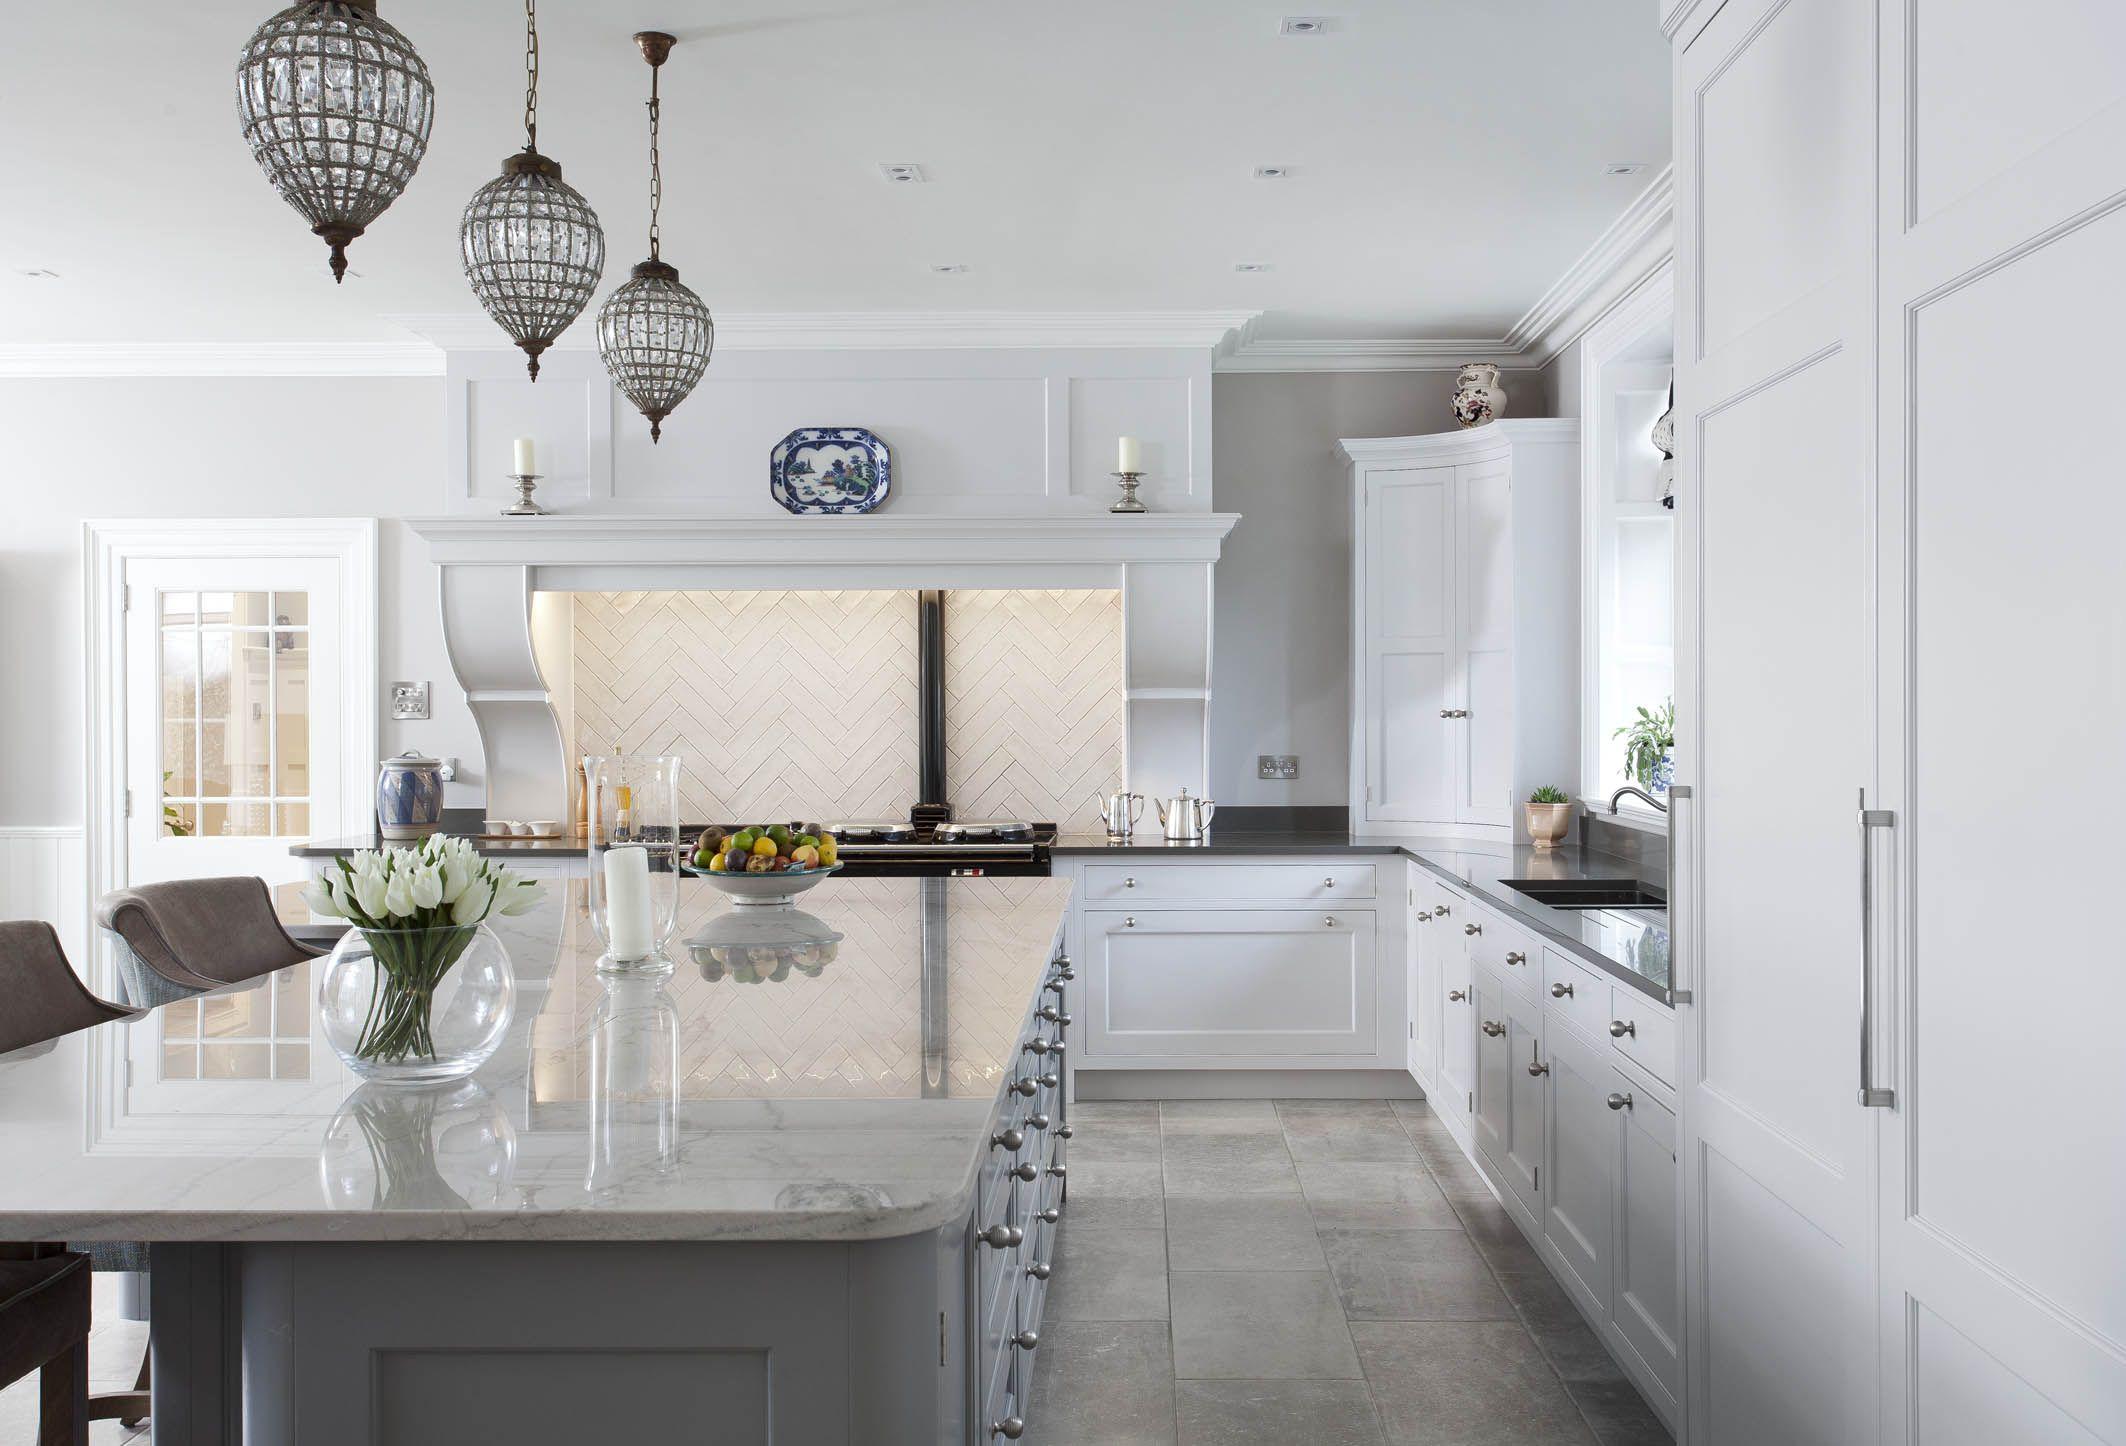 Canavan Interiors Kitchens Kitchen trends, Kitchen